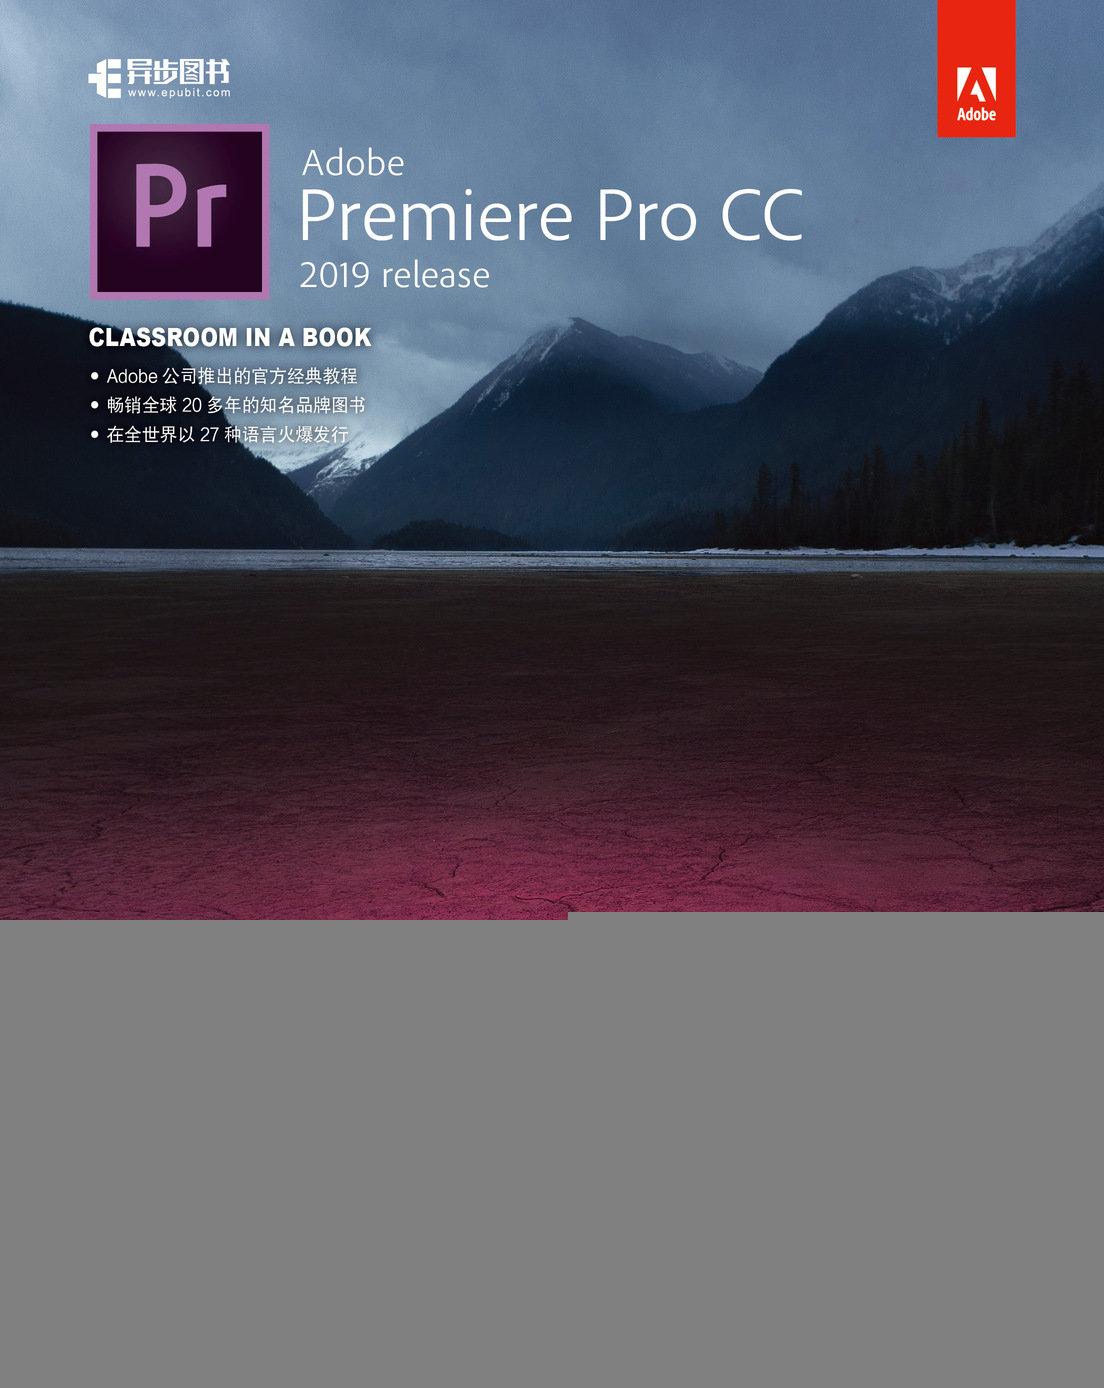 Adobe Premiere Pro CC 2019經典教程(彩色版)-preview-1